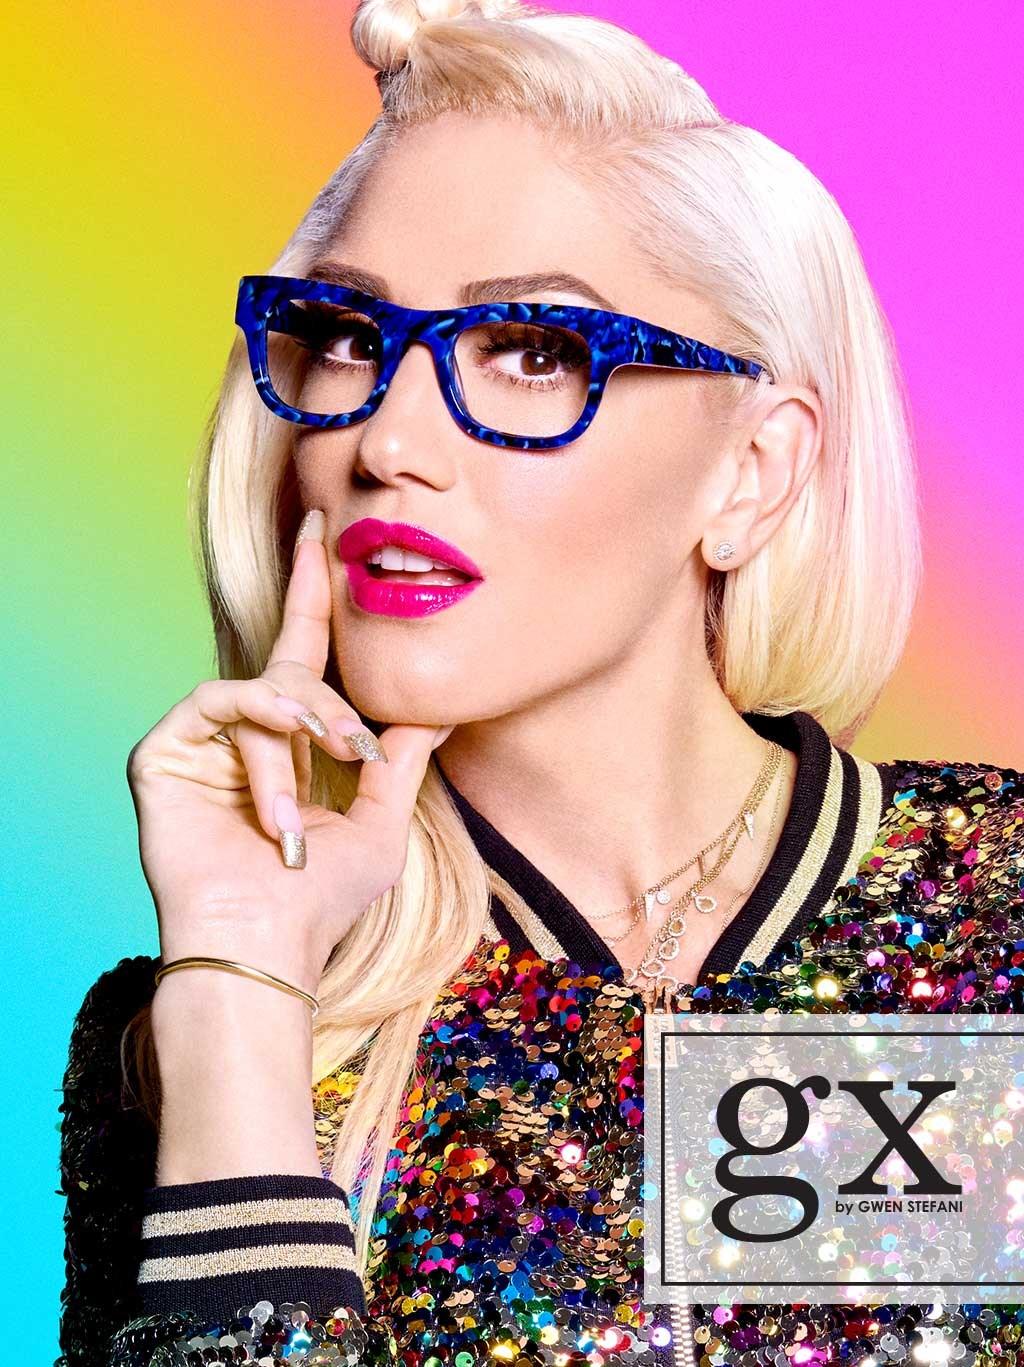 gx by Gwen Stefani | Tura Gwen Stefani